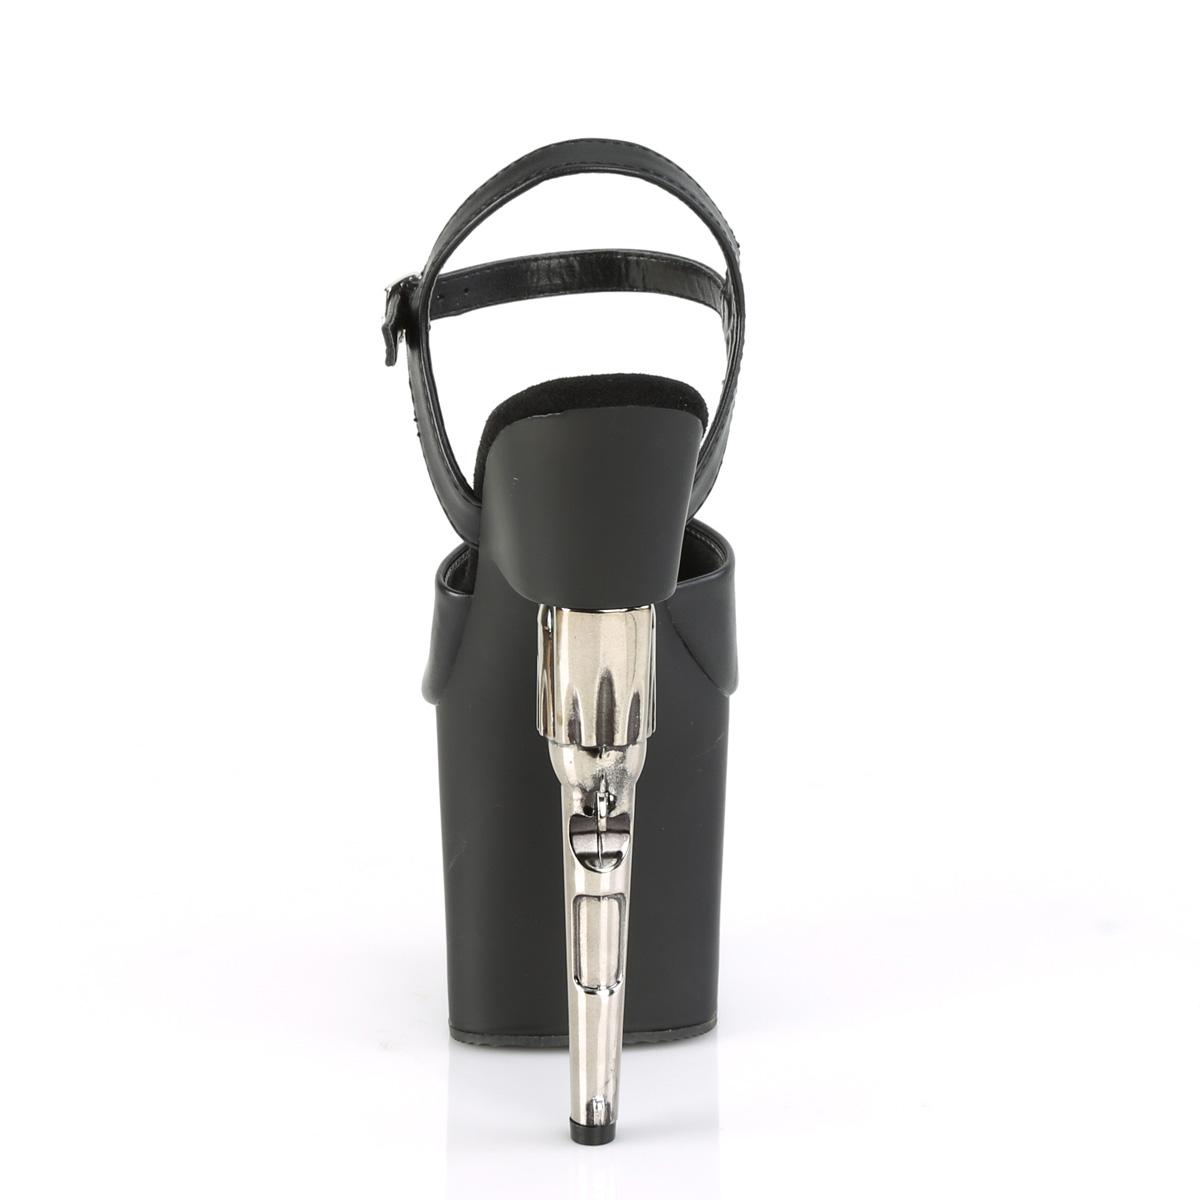 Pleaser(プリーザー) BONDGIRL-709 ボンドガール ガンヒール厚底サンダル 銃/ピストル つや消し黒◆取り寄せ